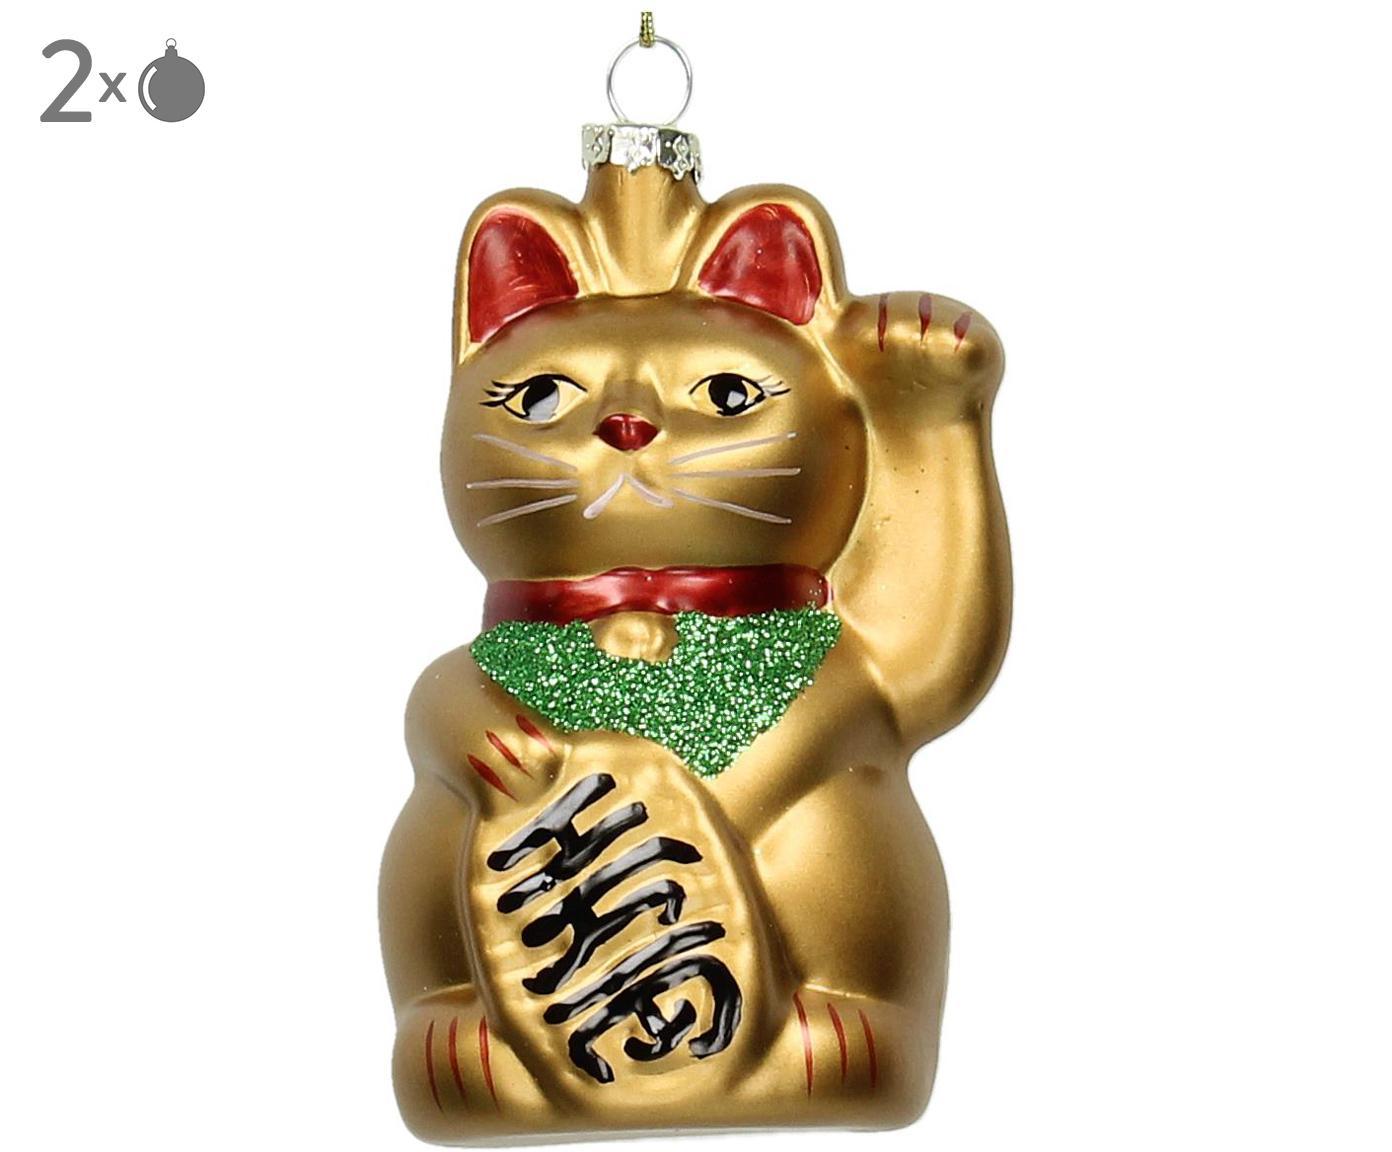 Baumanhänger Cat, 2 Stück, Goldfarben, Grün, Rot, Schwarz, Ø 6 x H 11 cm